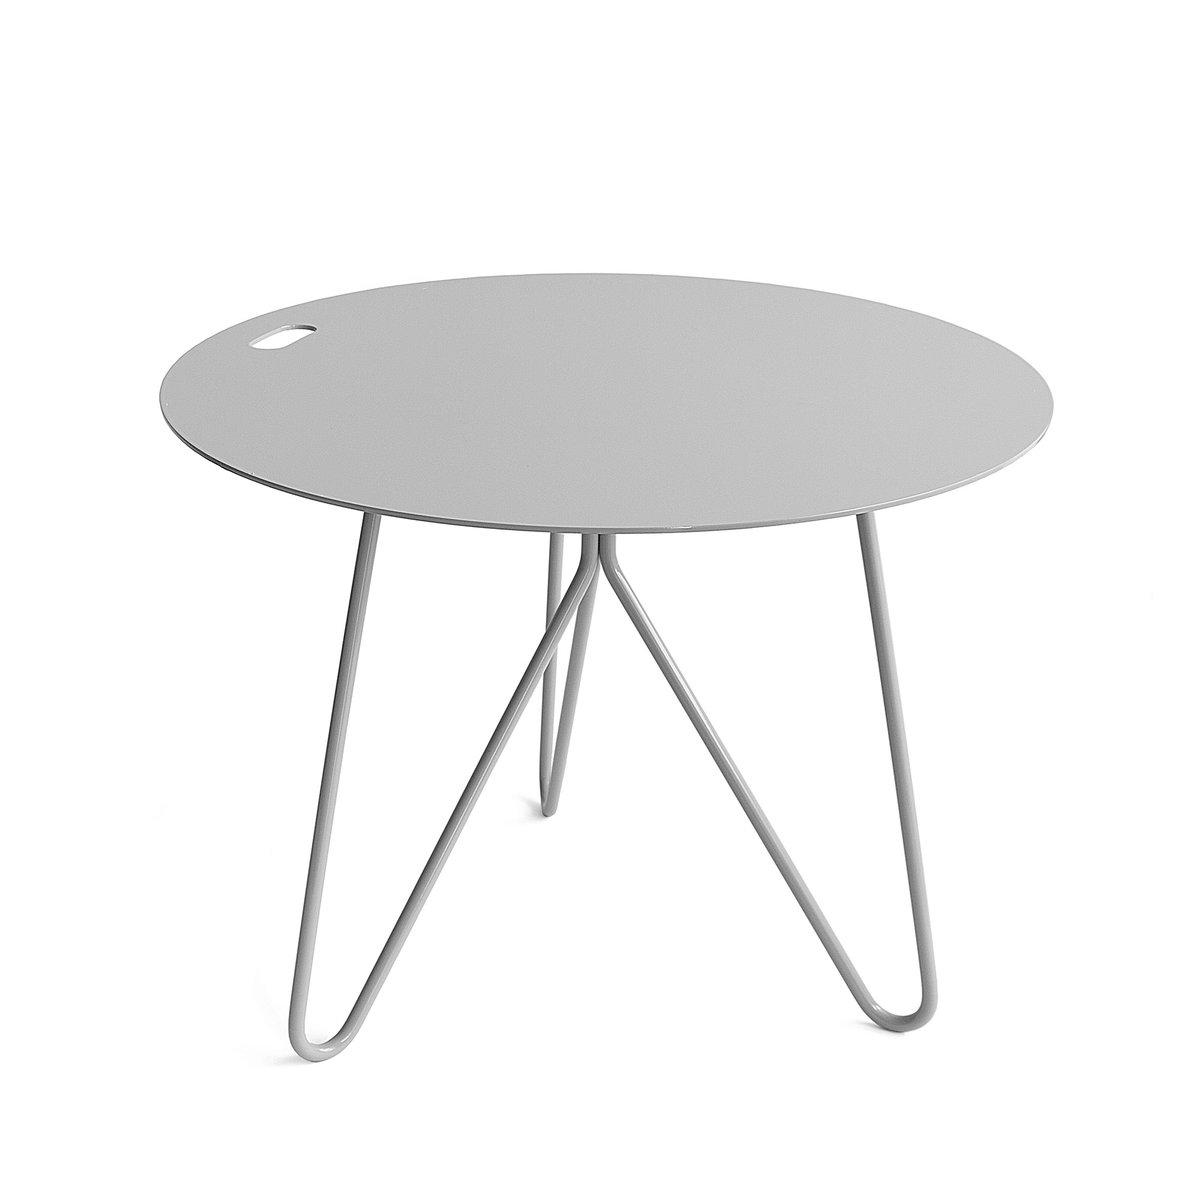 Seis Tisch in Grau von Mendes Macedo für Galula